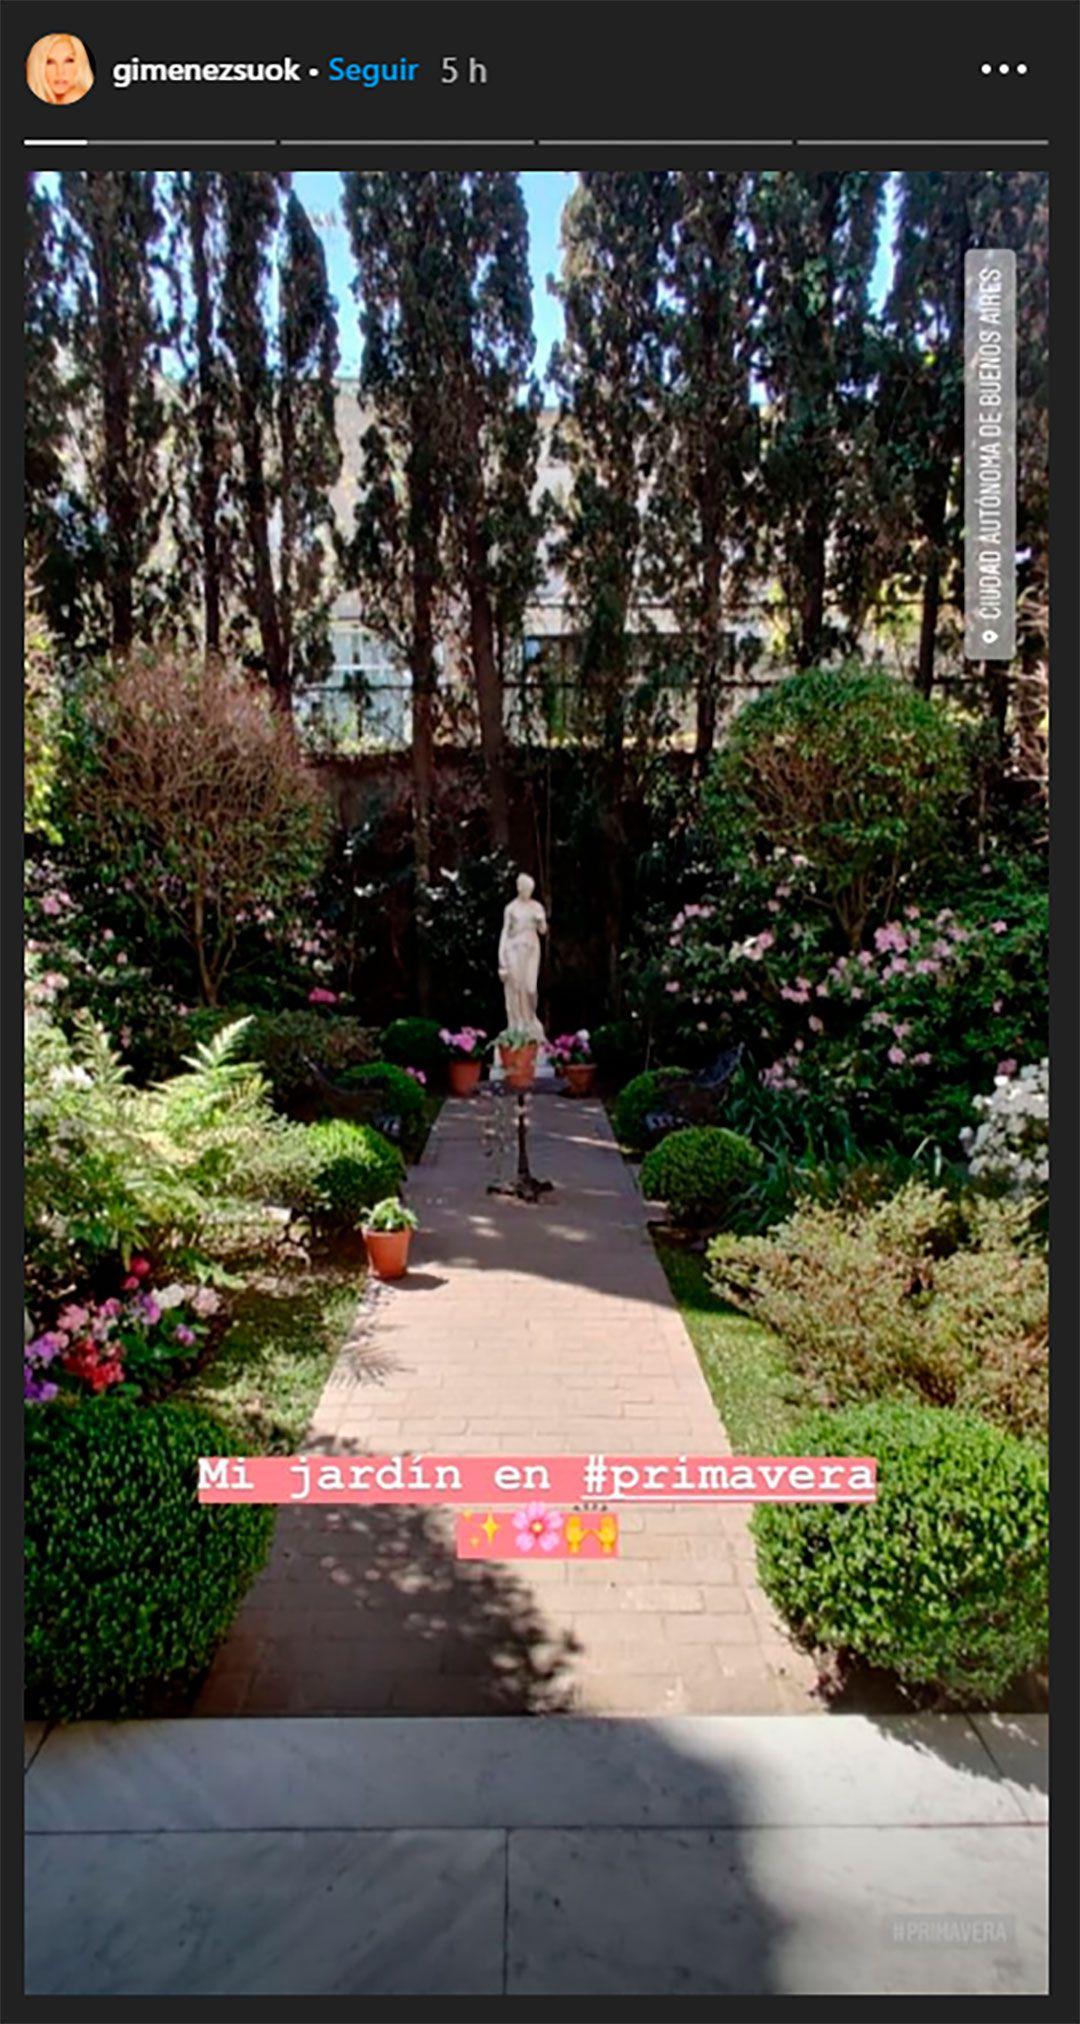 El jardín de la casona de Barrio Parque, donde está enterrado Jazmín, el famoso perro de la conductora (Foto: Instagram @gimenezsuok)